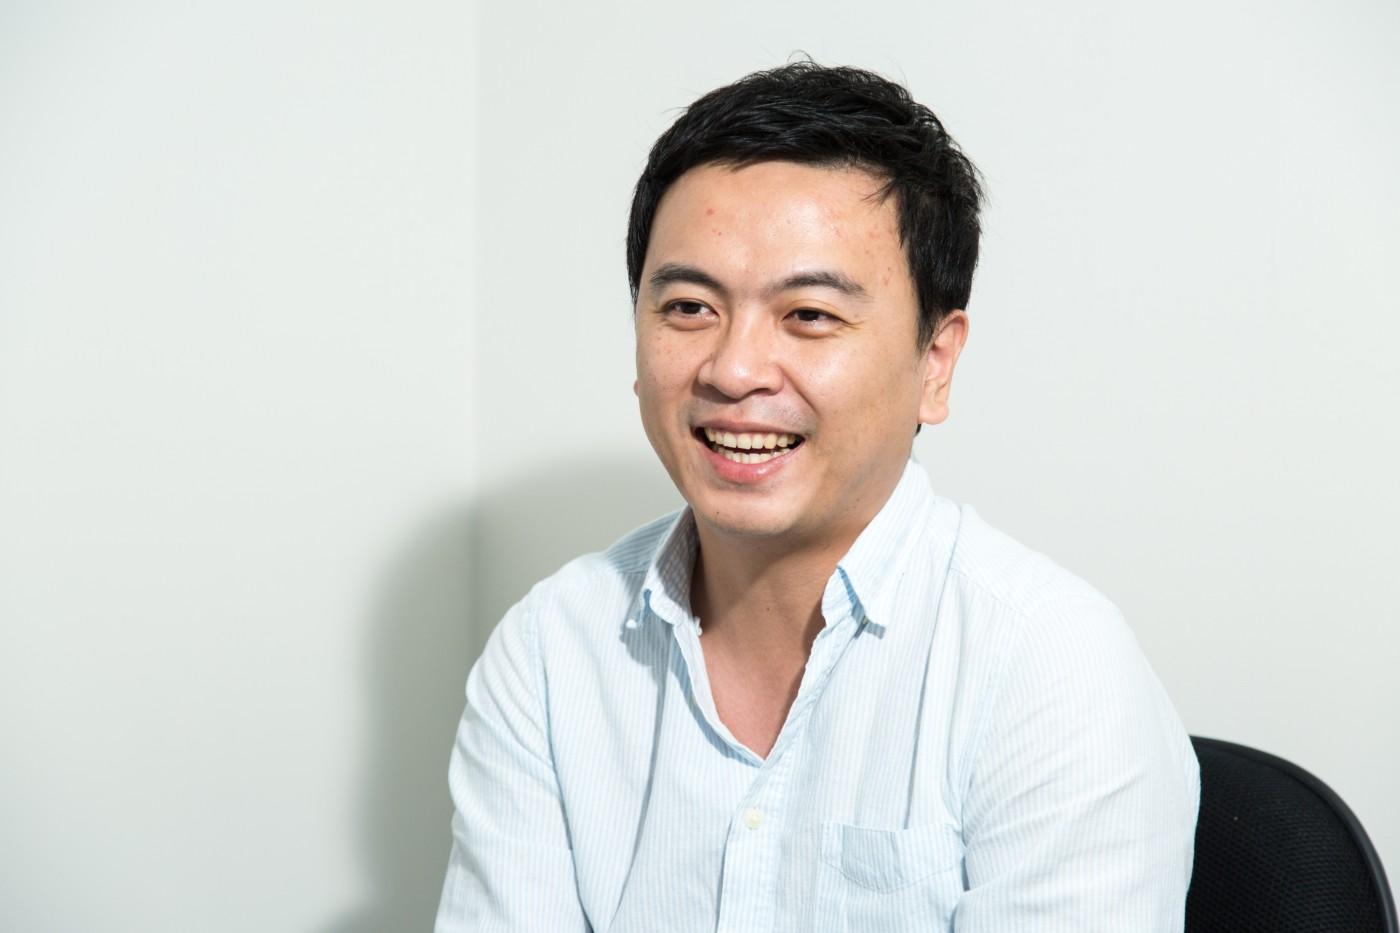 樂天kobo台灣專訪:台灣電子書發展晚了歐美日五年,三大難題有待解決